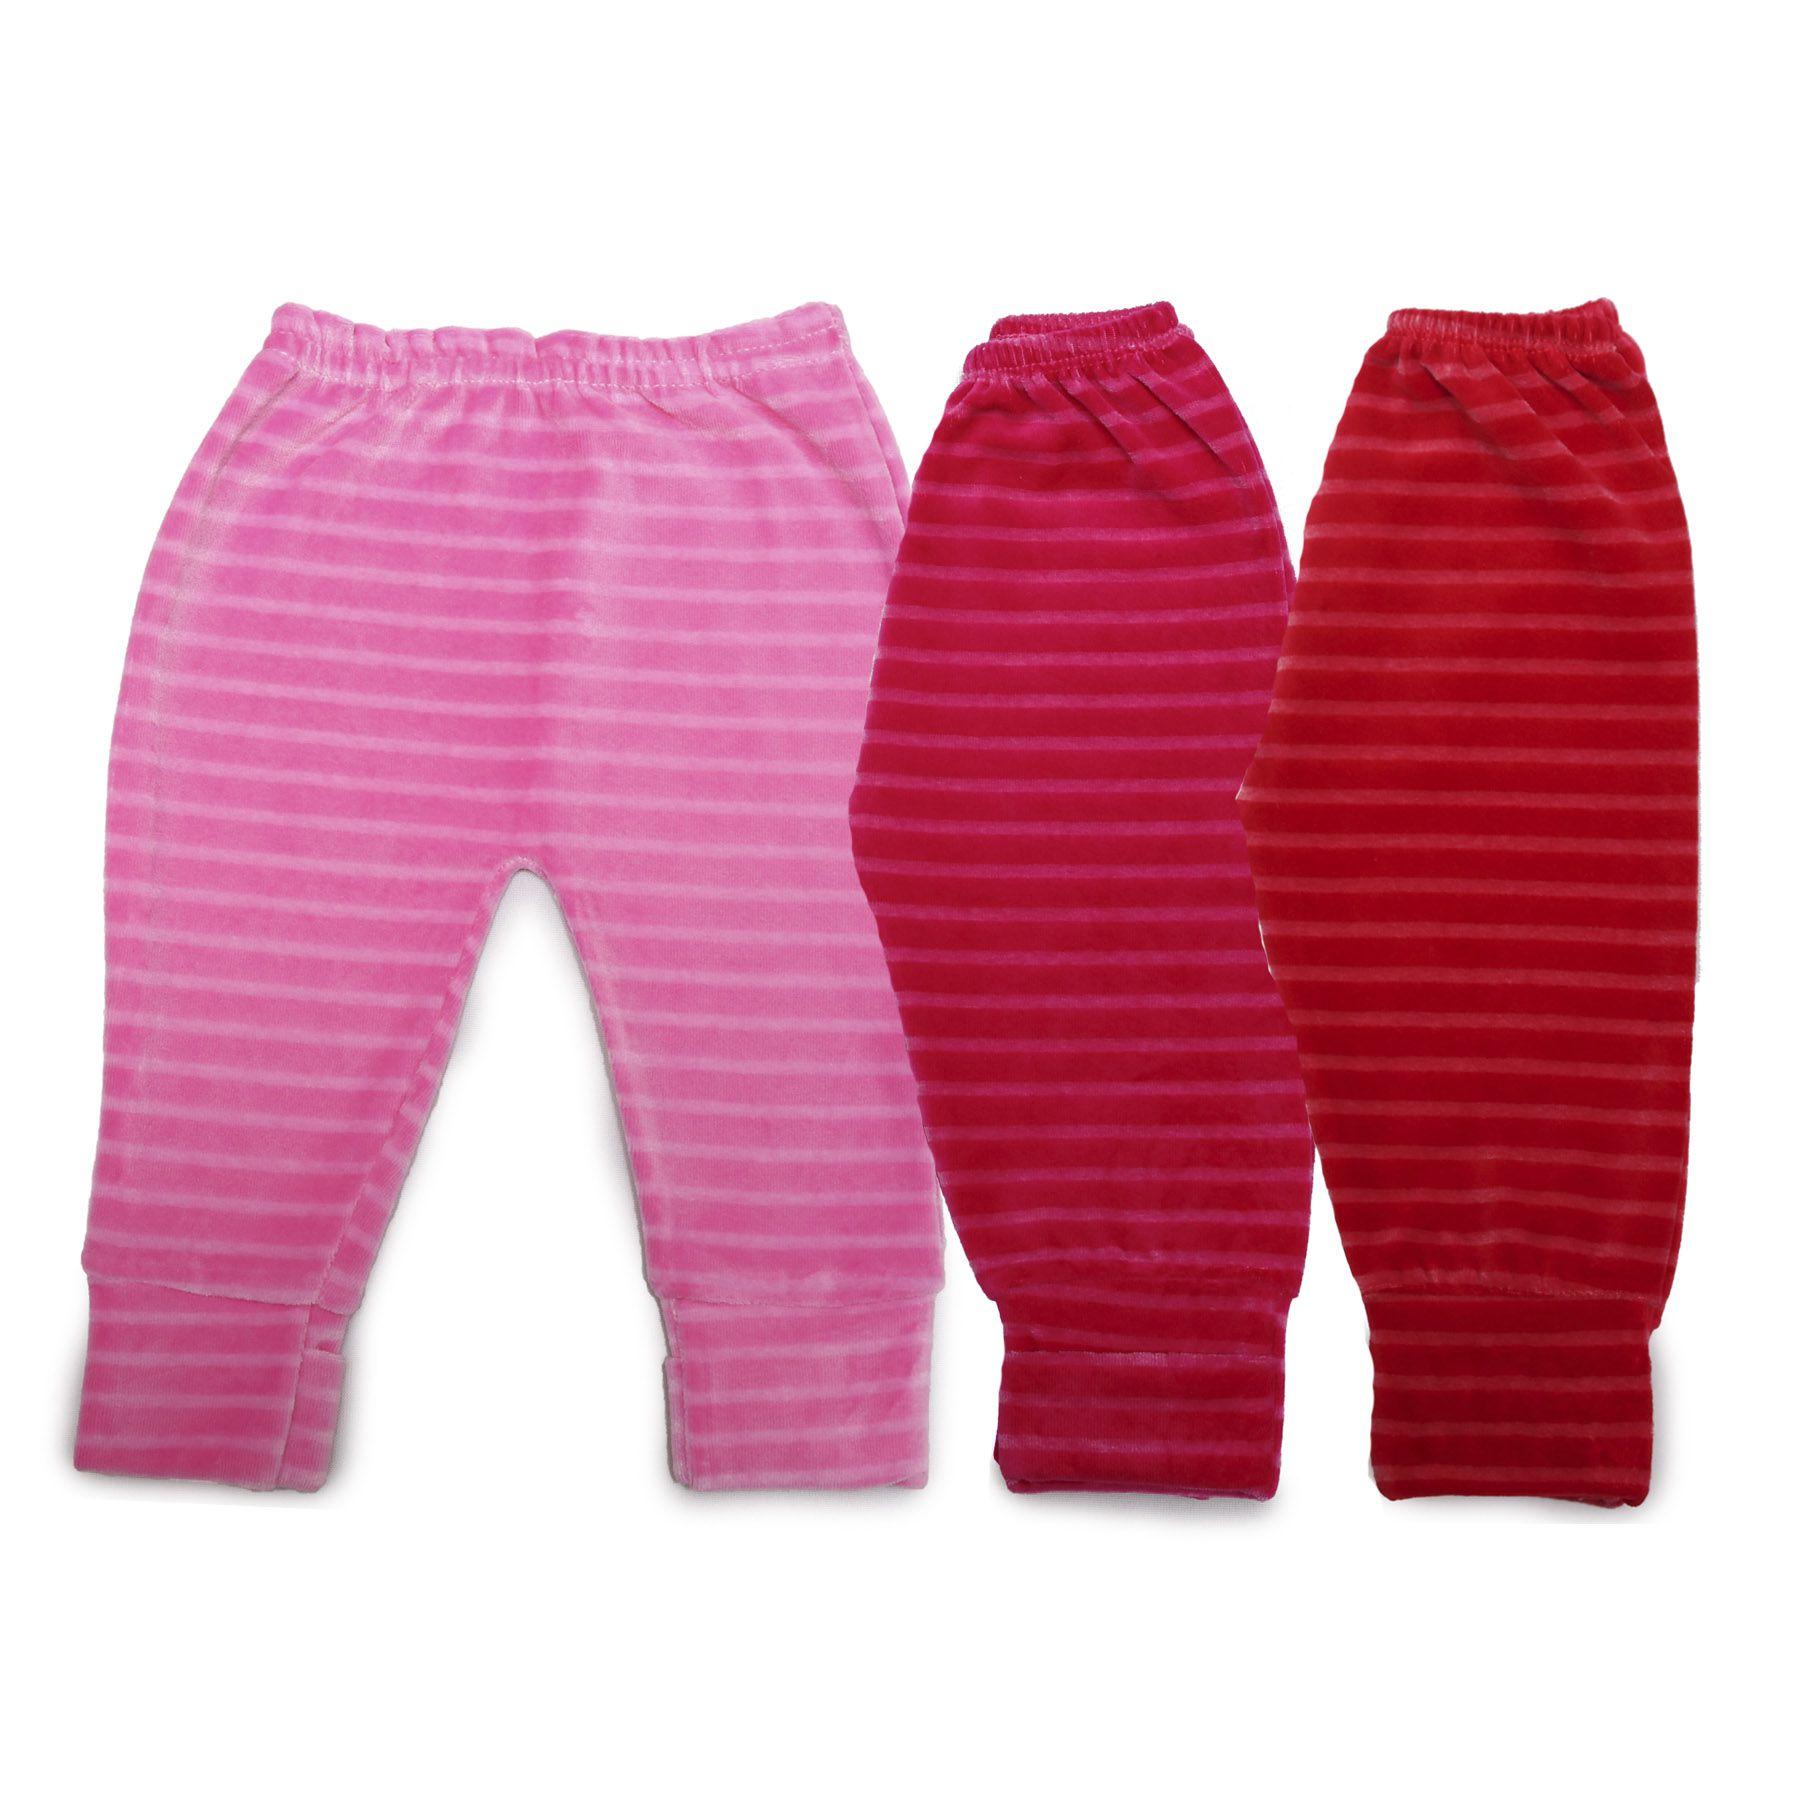 Kit Bebê com 3 Calças(Mijão) em Plush Menina Rosa, Pink e Vermelho